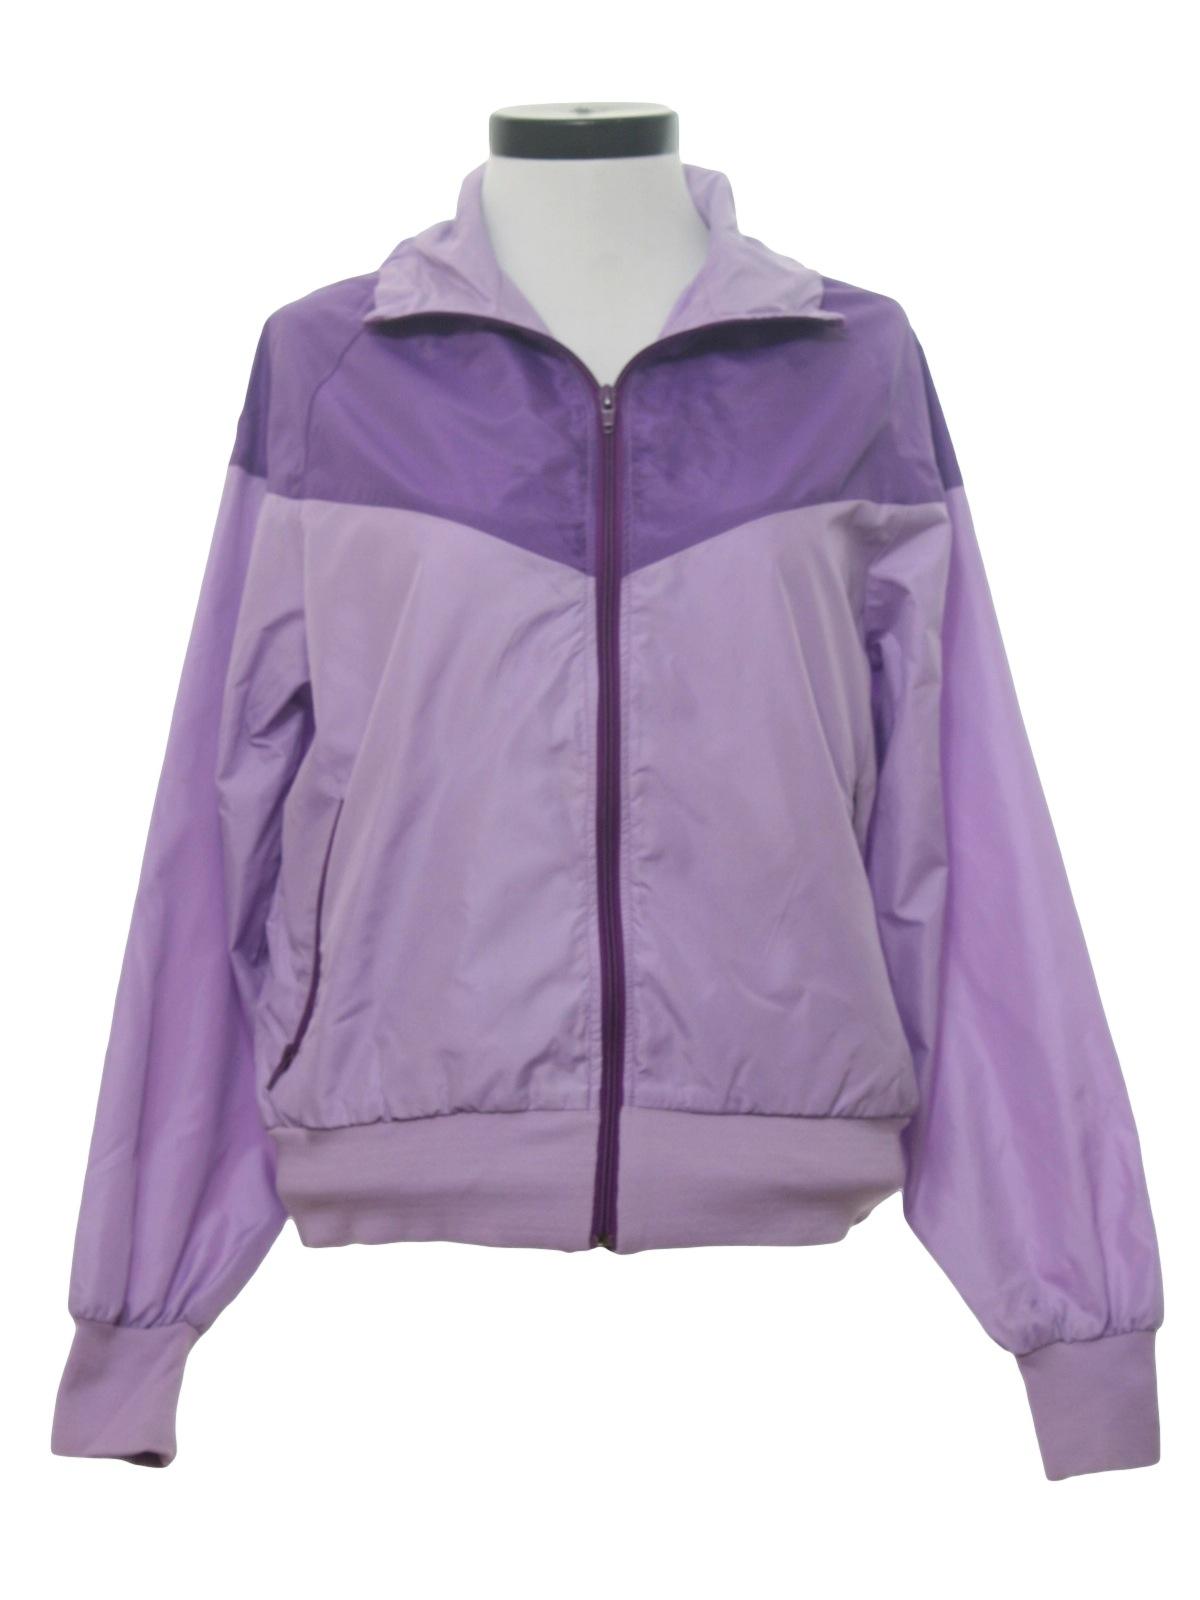 d389eae68782 Eighties Vintage Jacket  80s -Nike- Womens purple and lavender ...